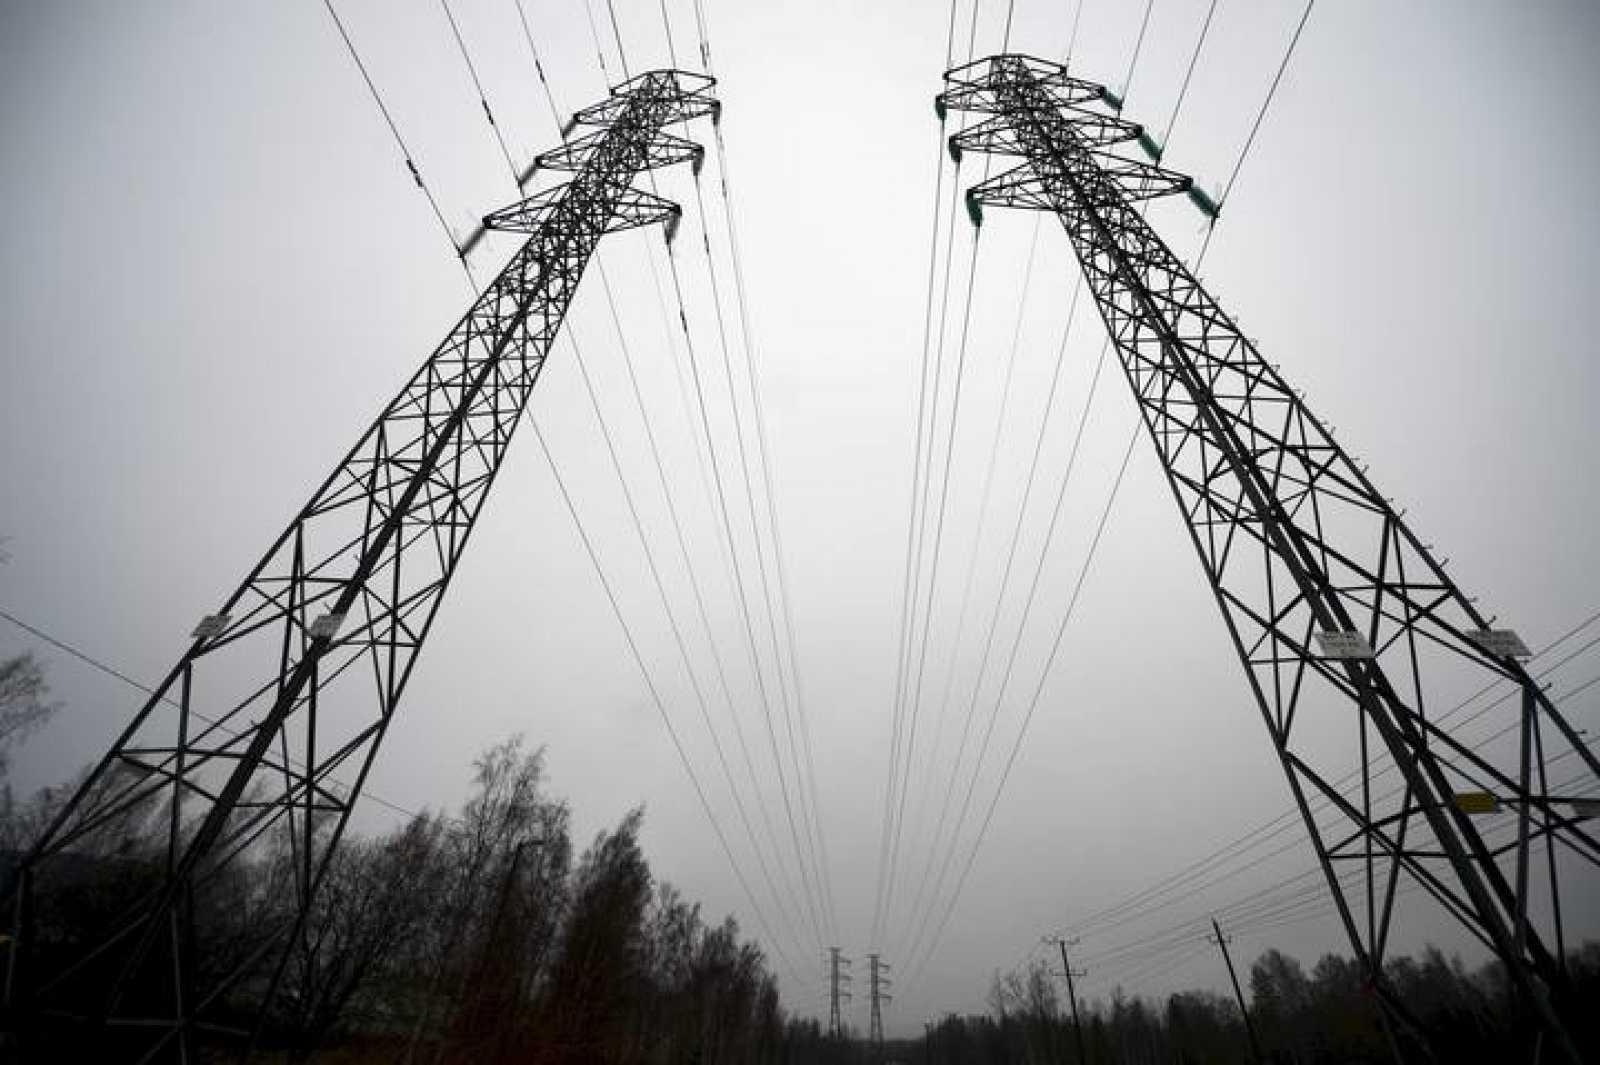 Torres de distribución de electricidad de alta tensión